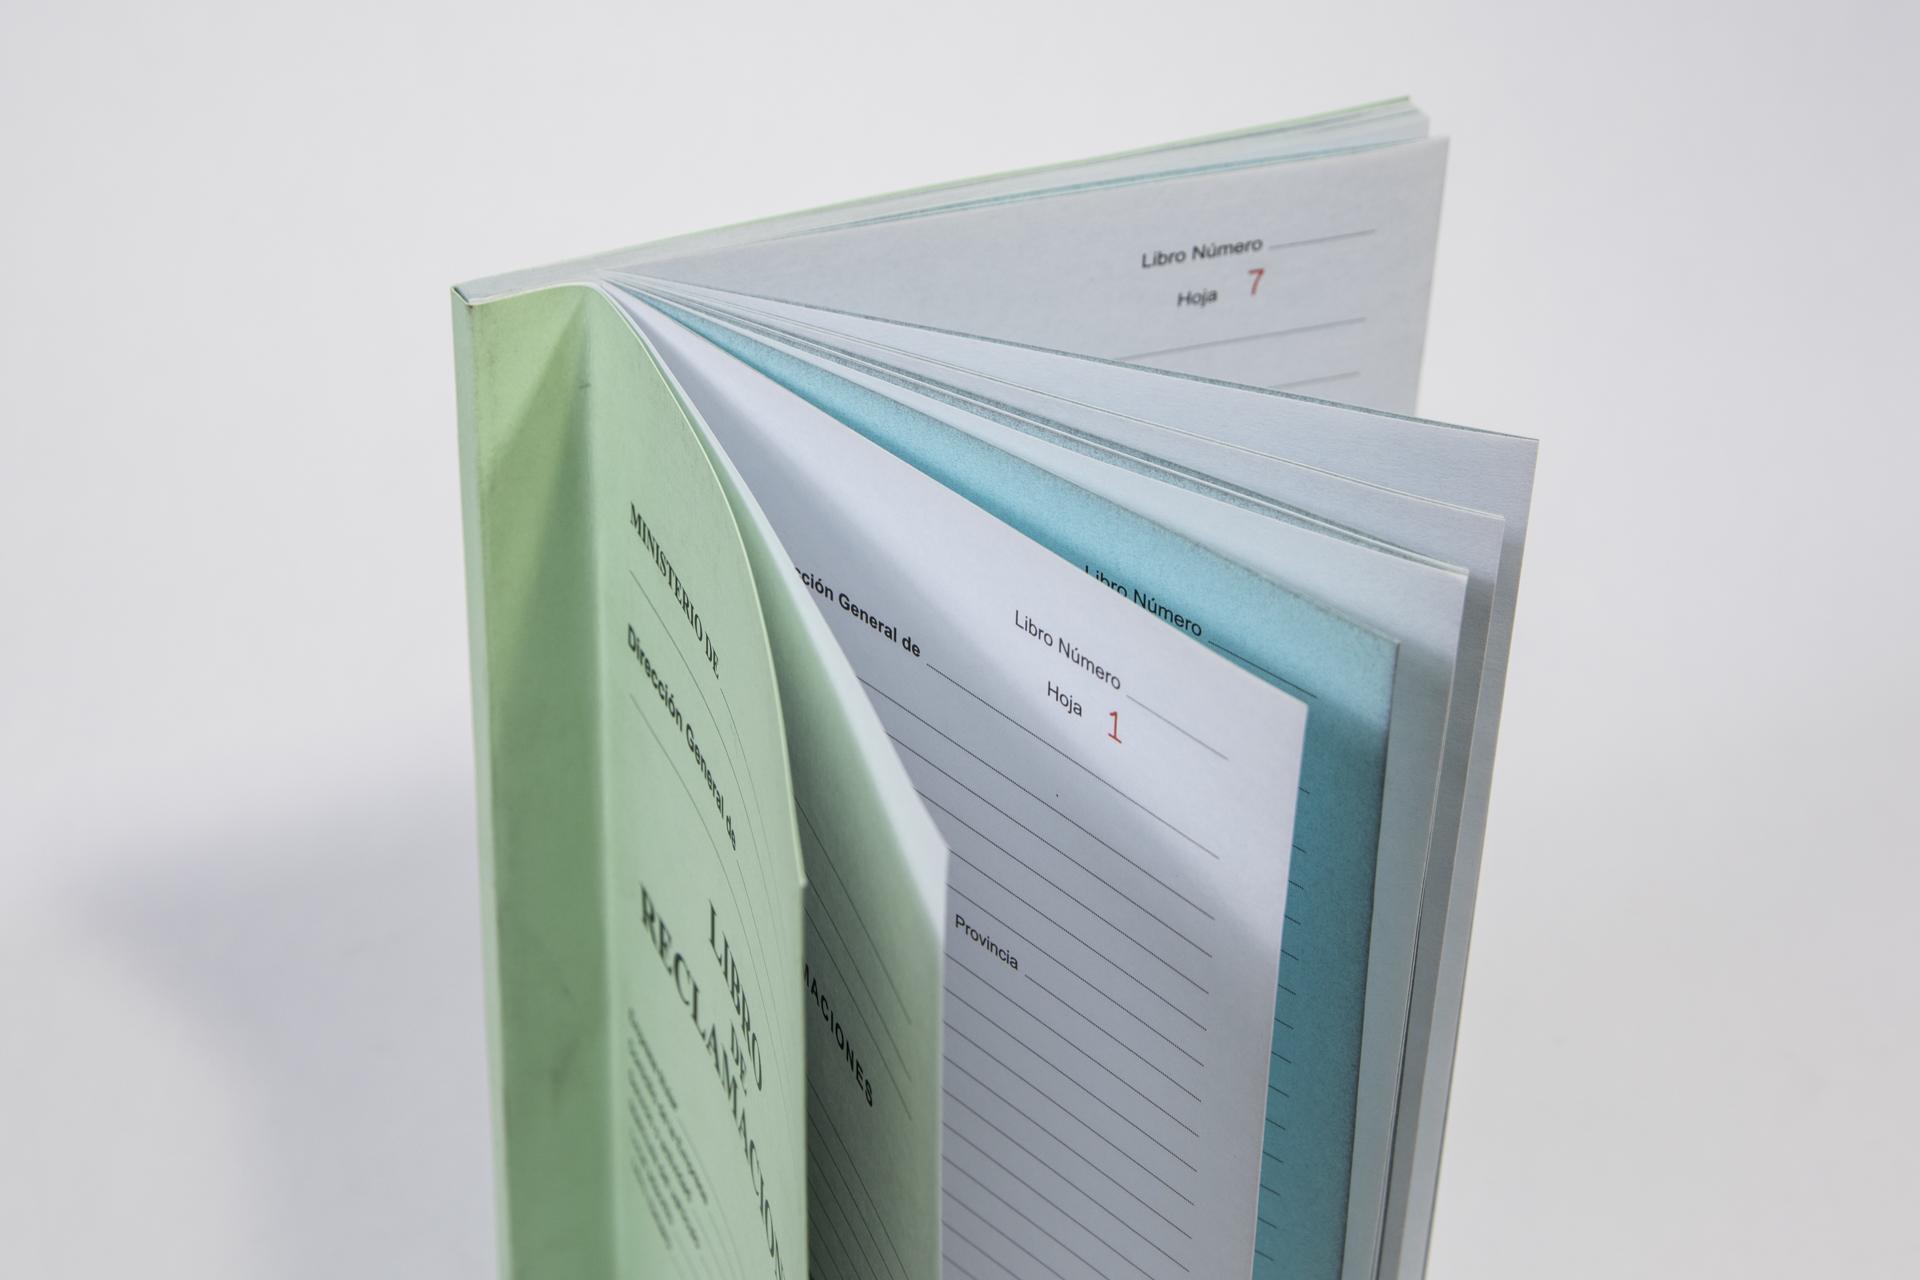 formatos autocopiativos encuadernados